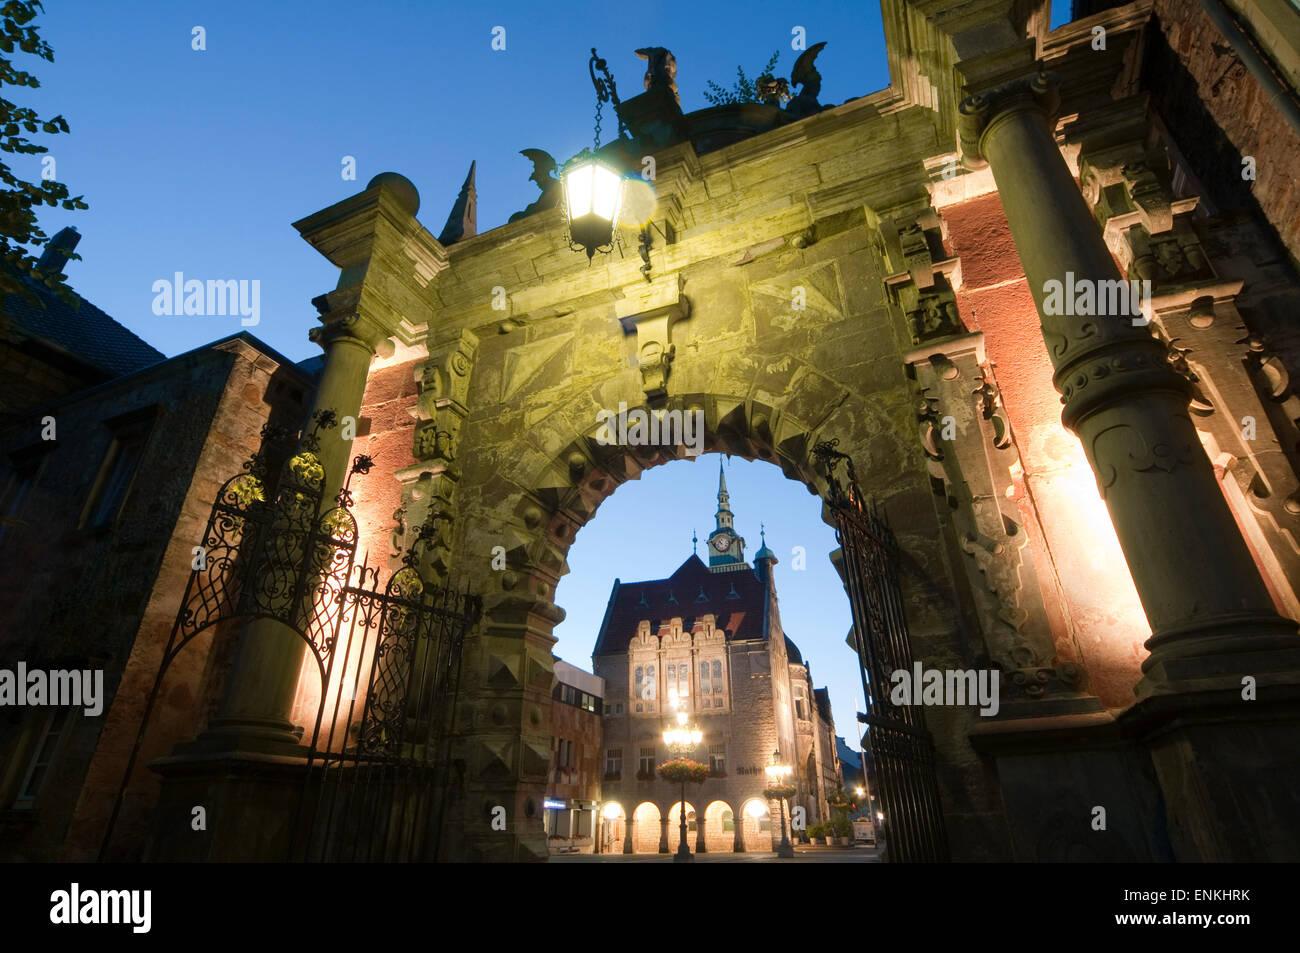 Großes Tor, Schloss Bueckeburg in der Abenddämmerung, Weserbergland, Niedersachsen, Deutschland Stockbild